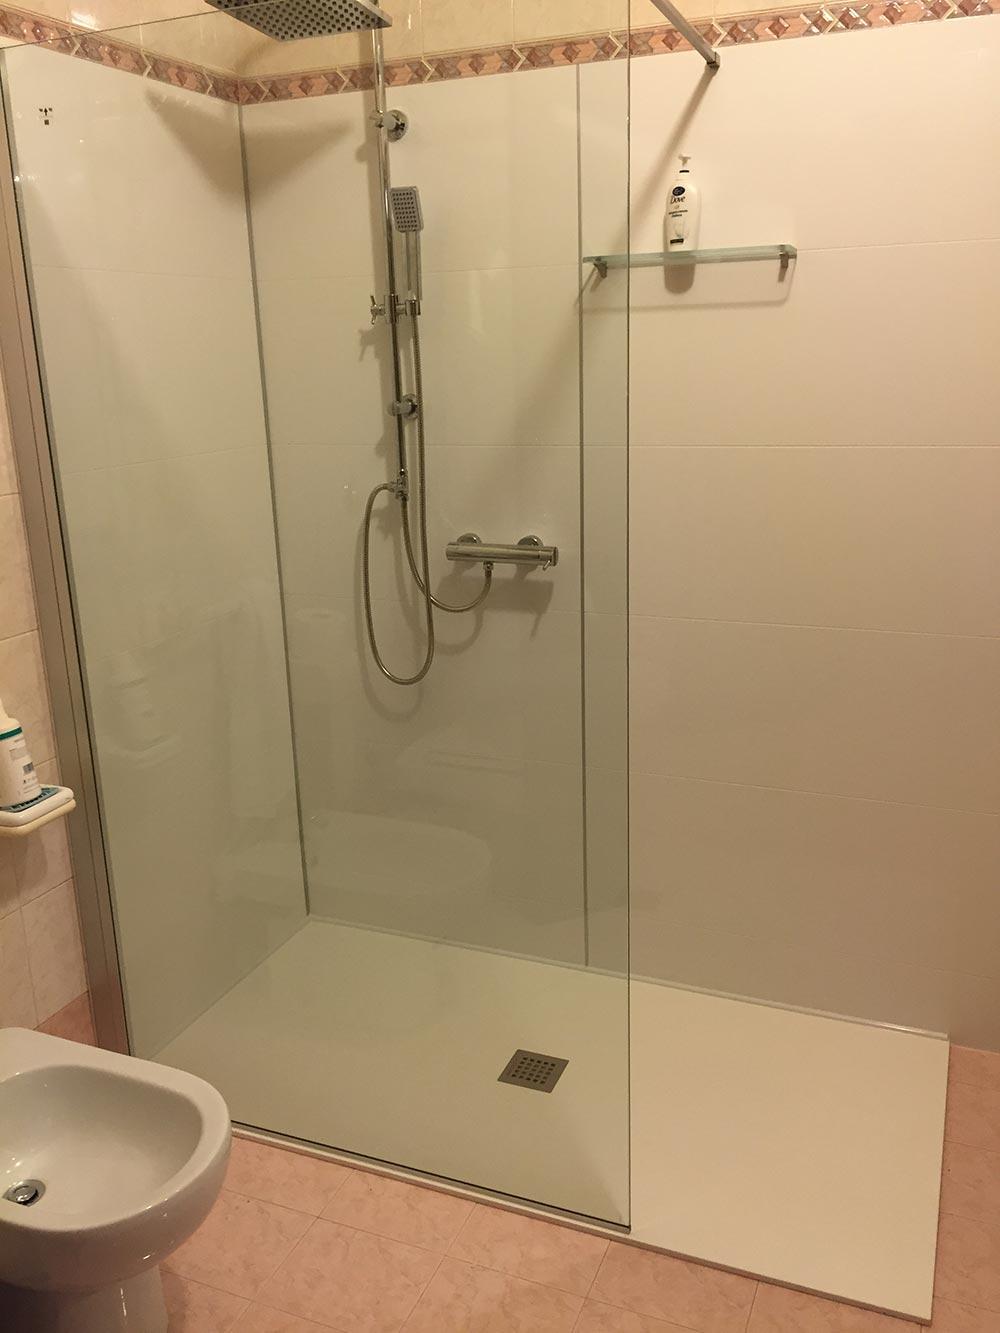 Trasformare vasca da bagno in doccia sarabagno - Vasca da bagno pavimento ...